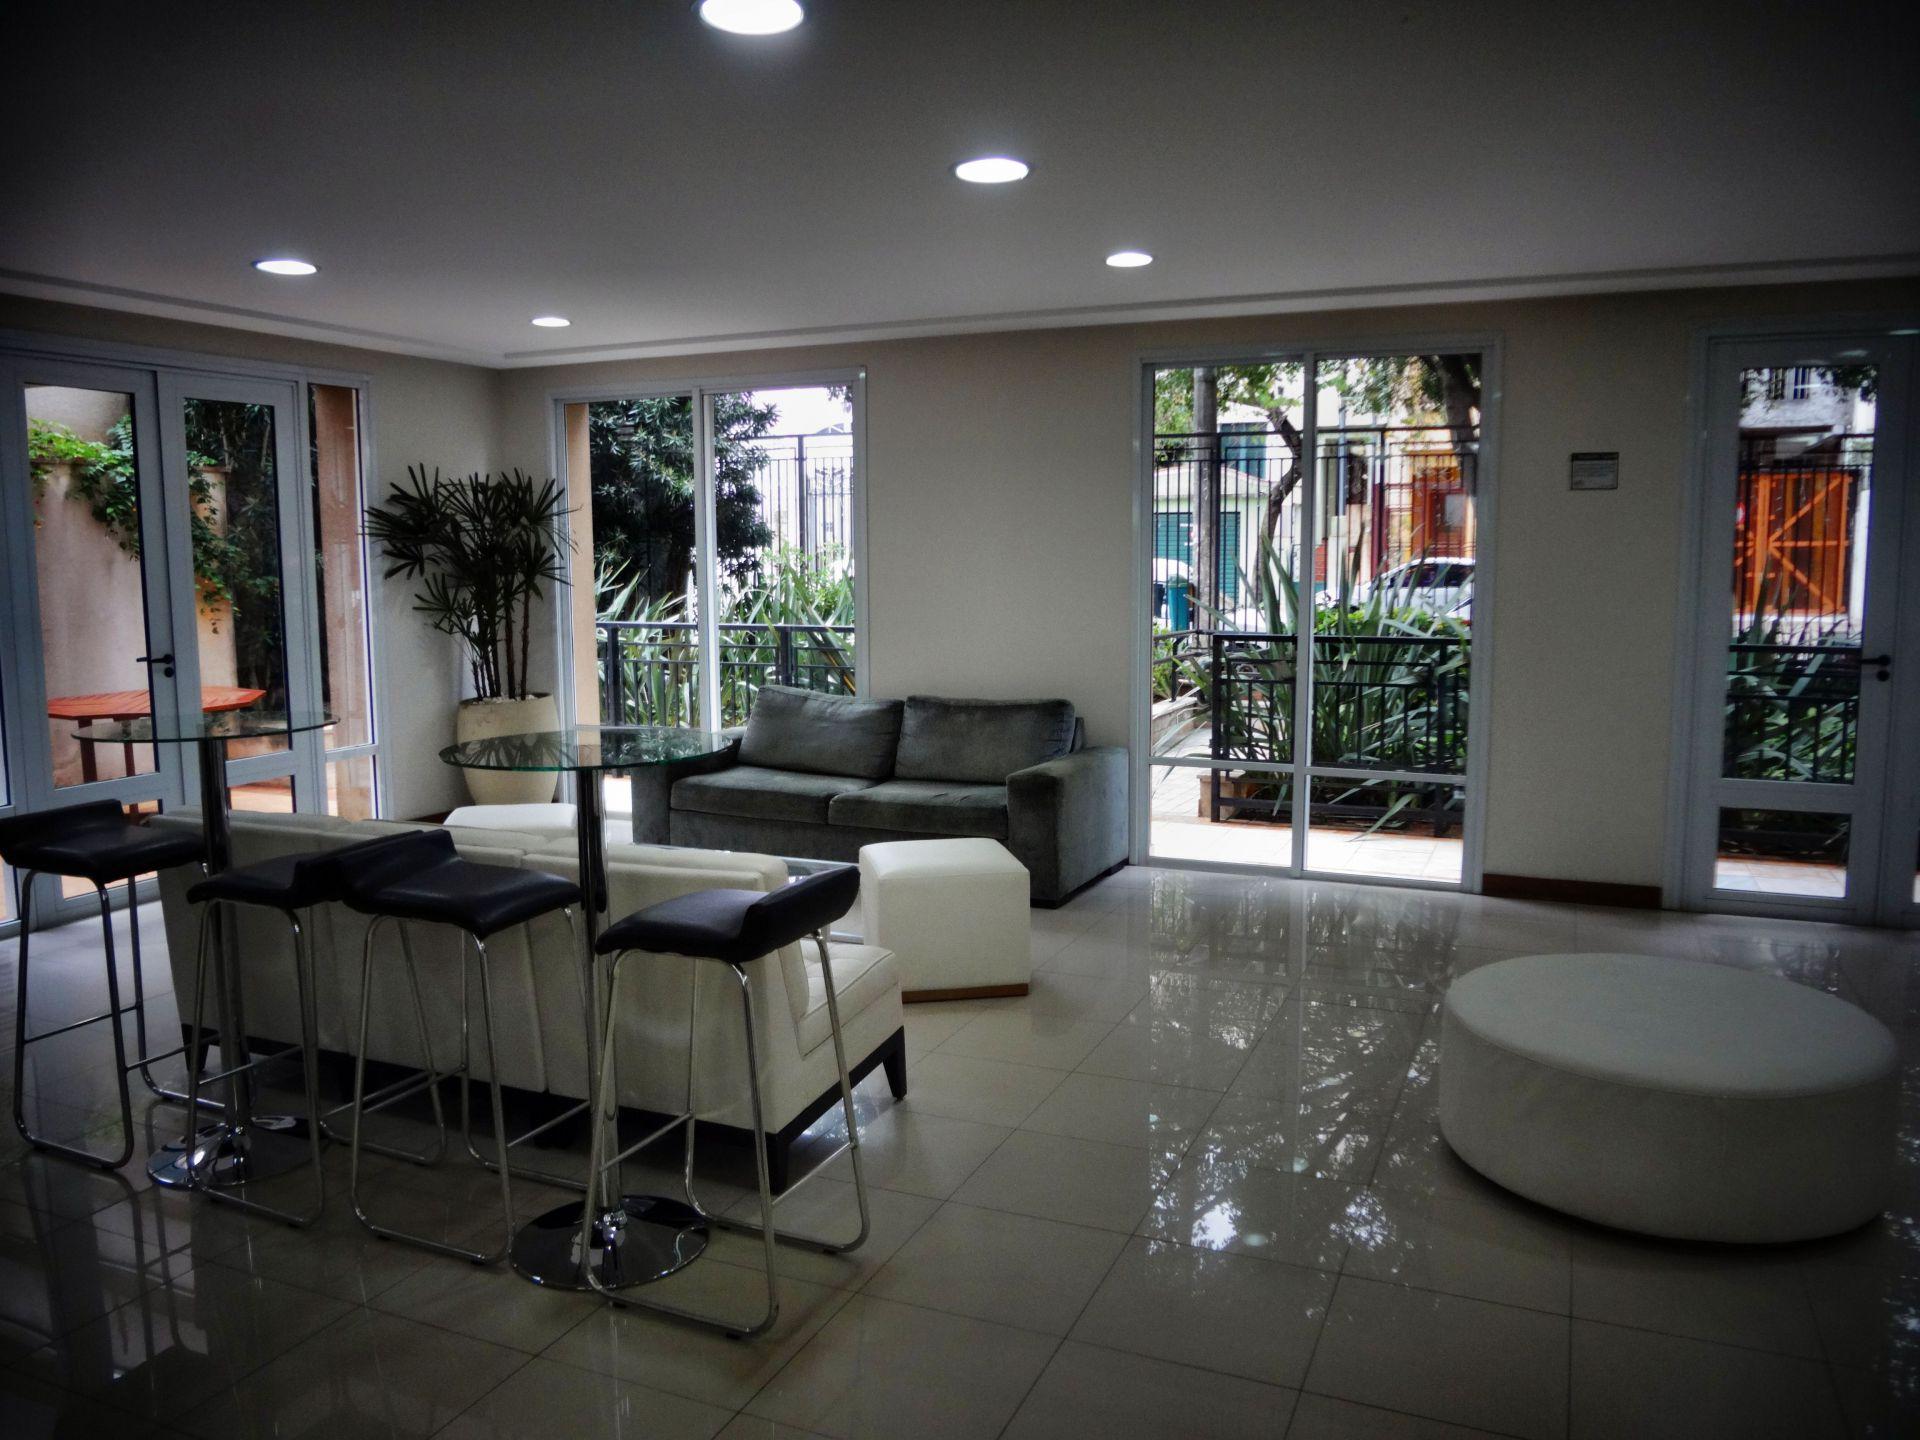 Apartamento Barra Funda,São Paulo,SP Para Alugar,2 Quartos,55m² - LOCACAO0017 - 12